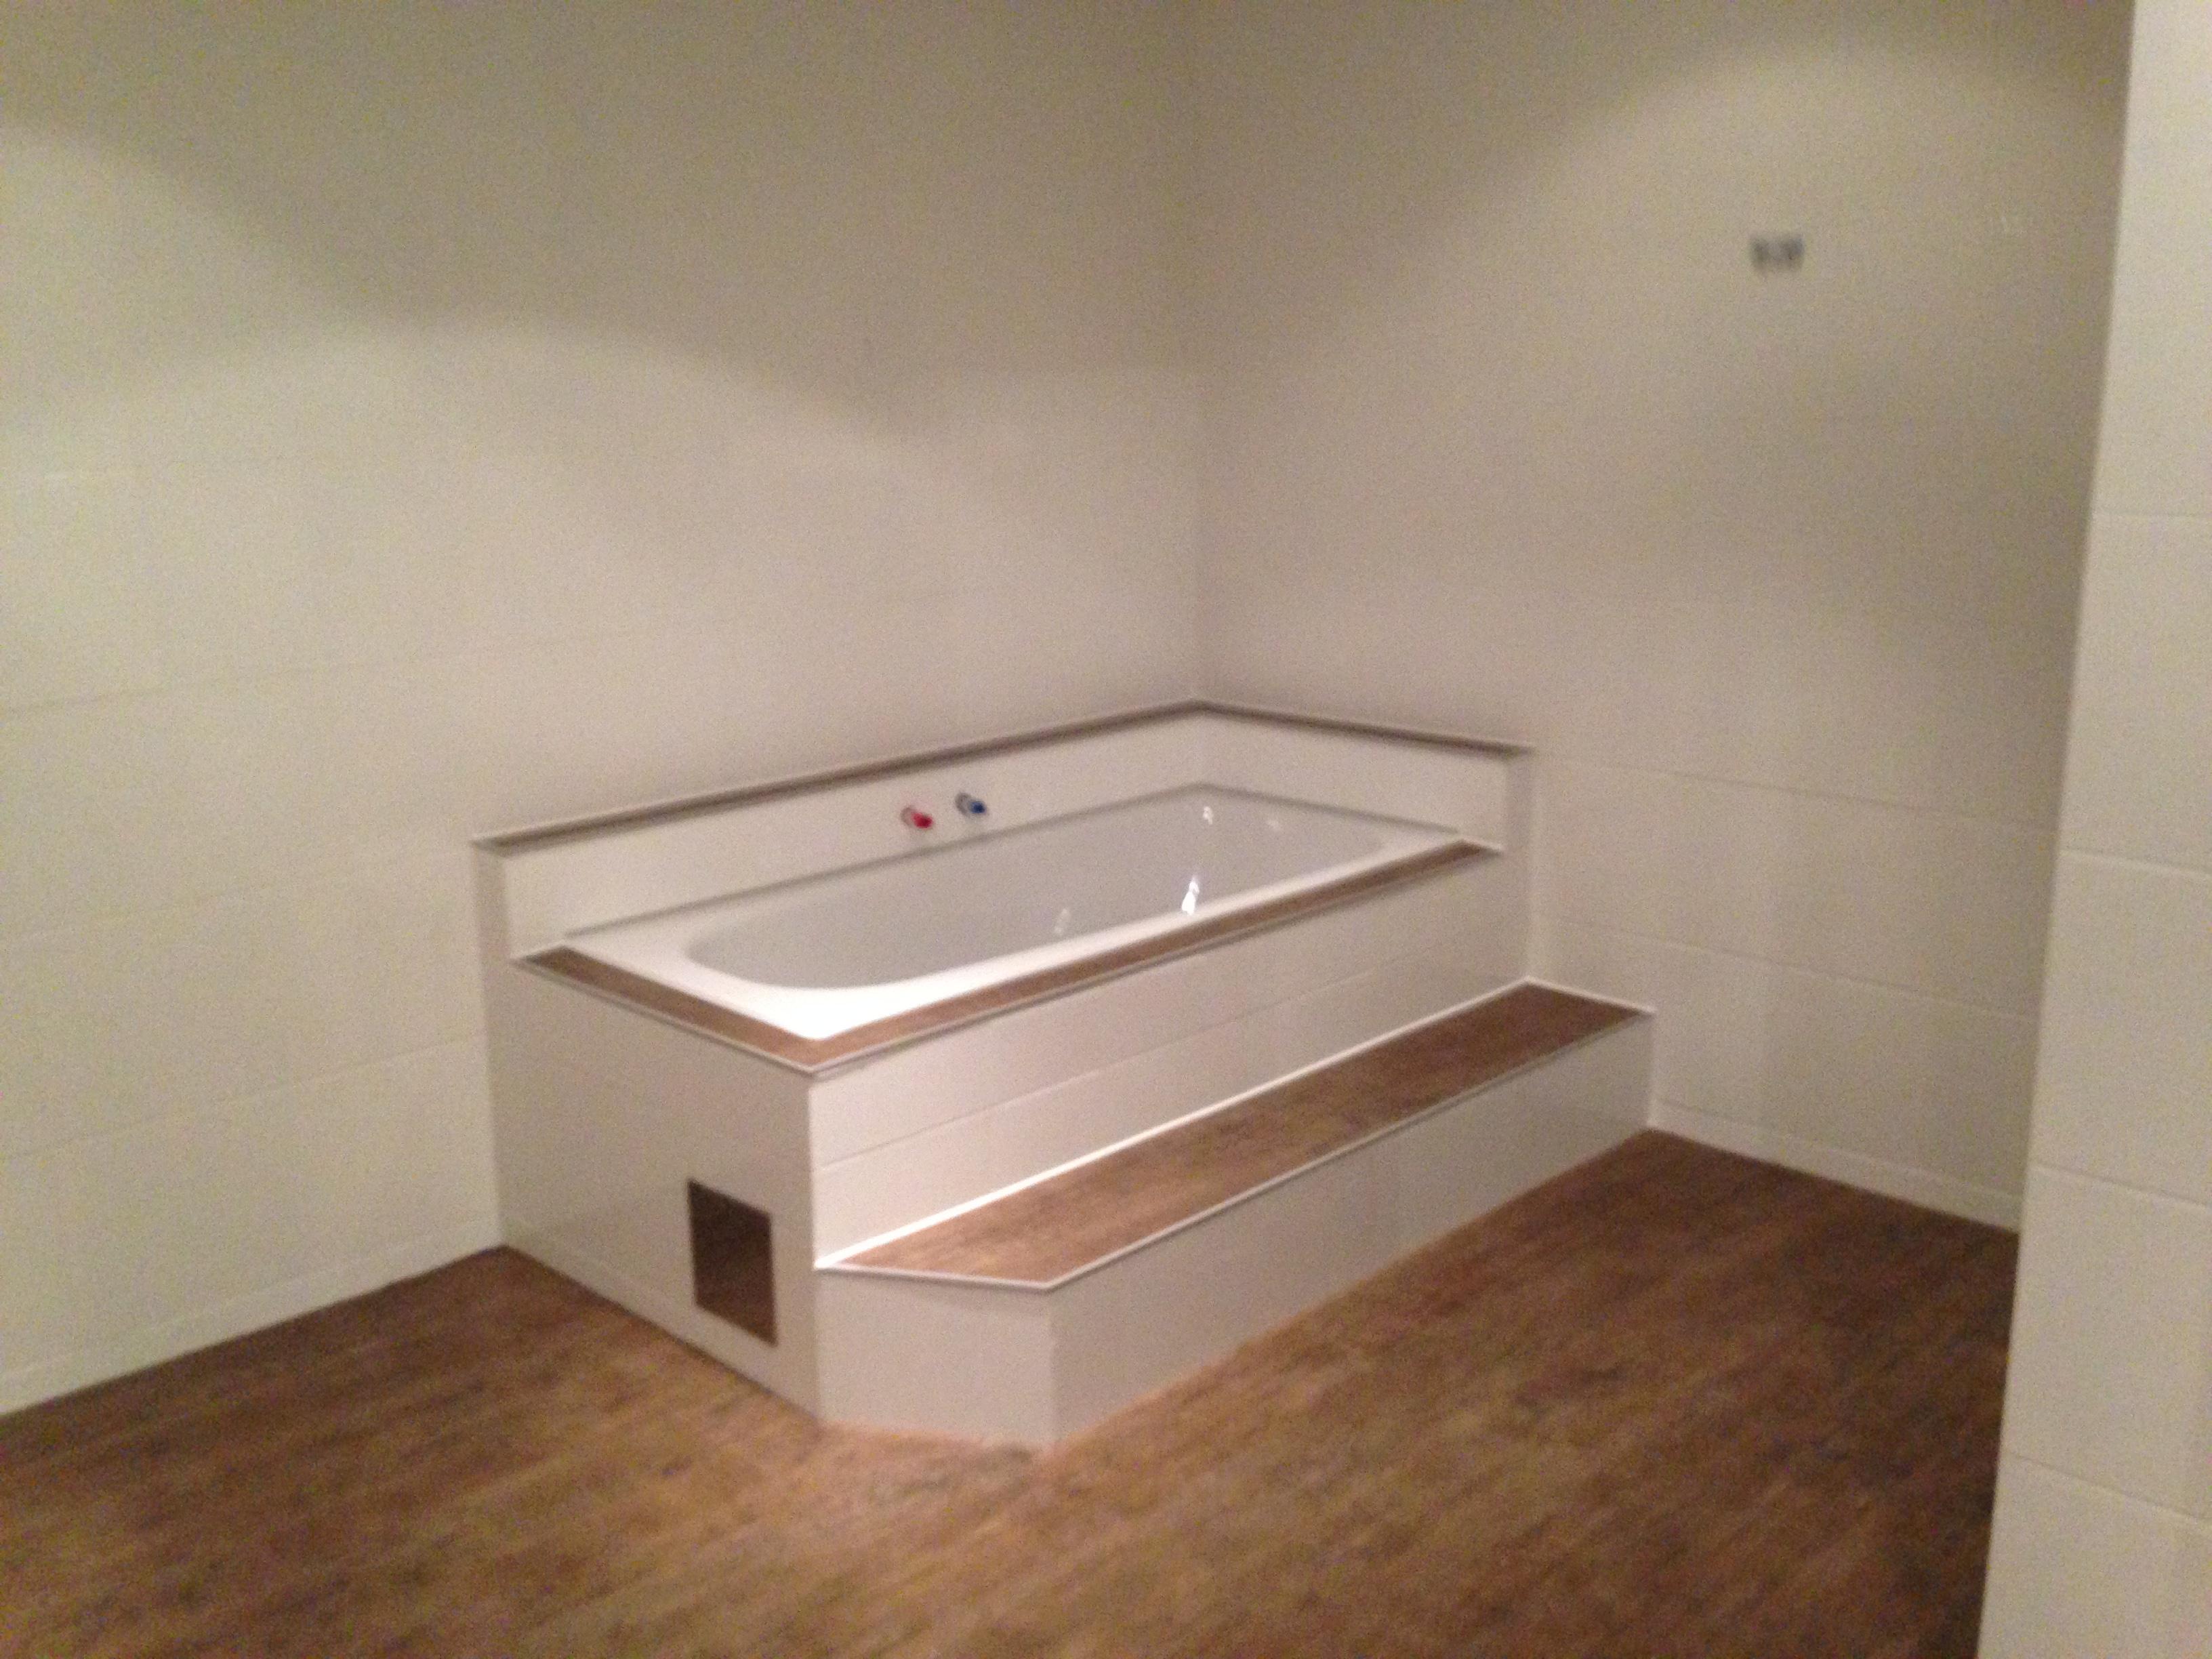 Vinylboden in einem Badezimmer, auch Badewanne und Stufe wurden berücksichtigt.